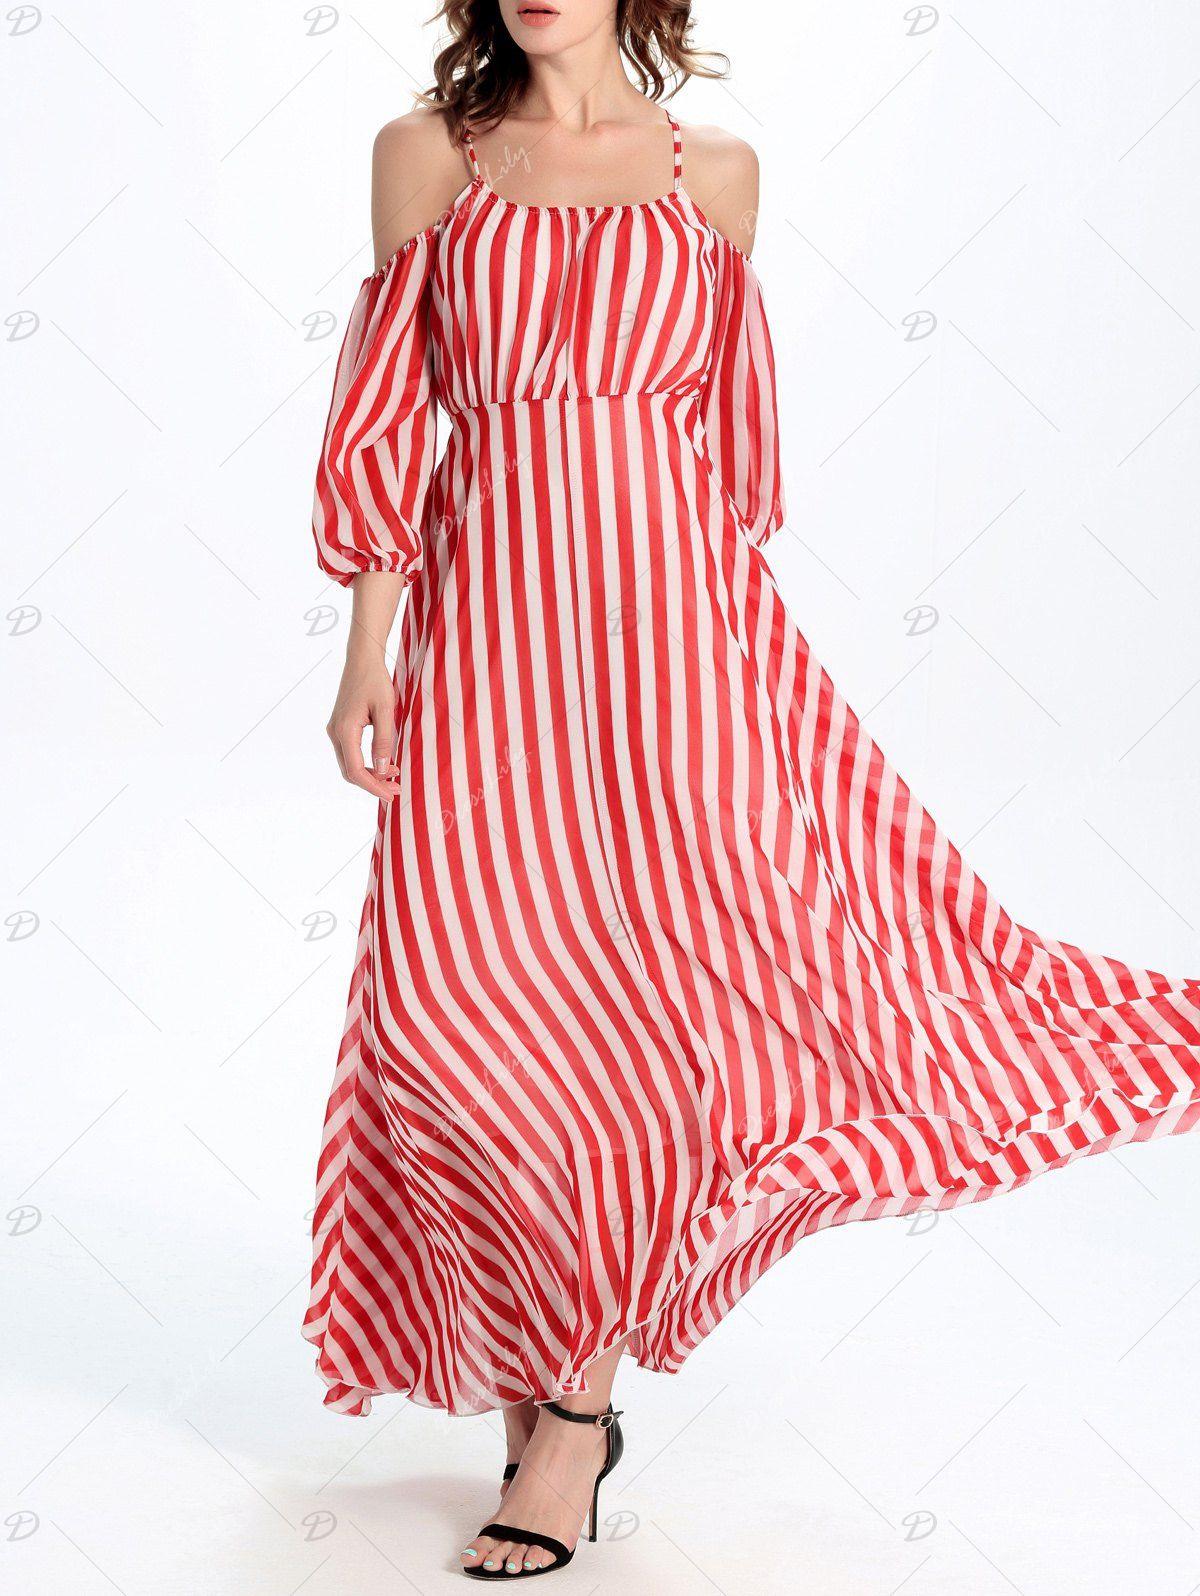 Cold Shoulder Cami Vertical Striped Maxi Dress Vertical Striped Maxi Dress Cheap Maxi Dresses Dresses [ 1596 x 1200 Pixel ]